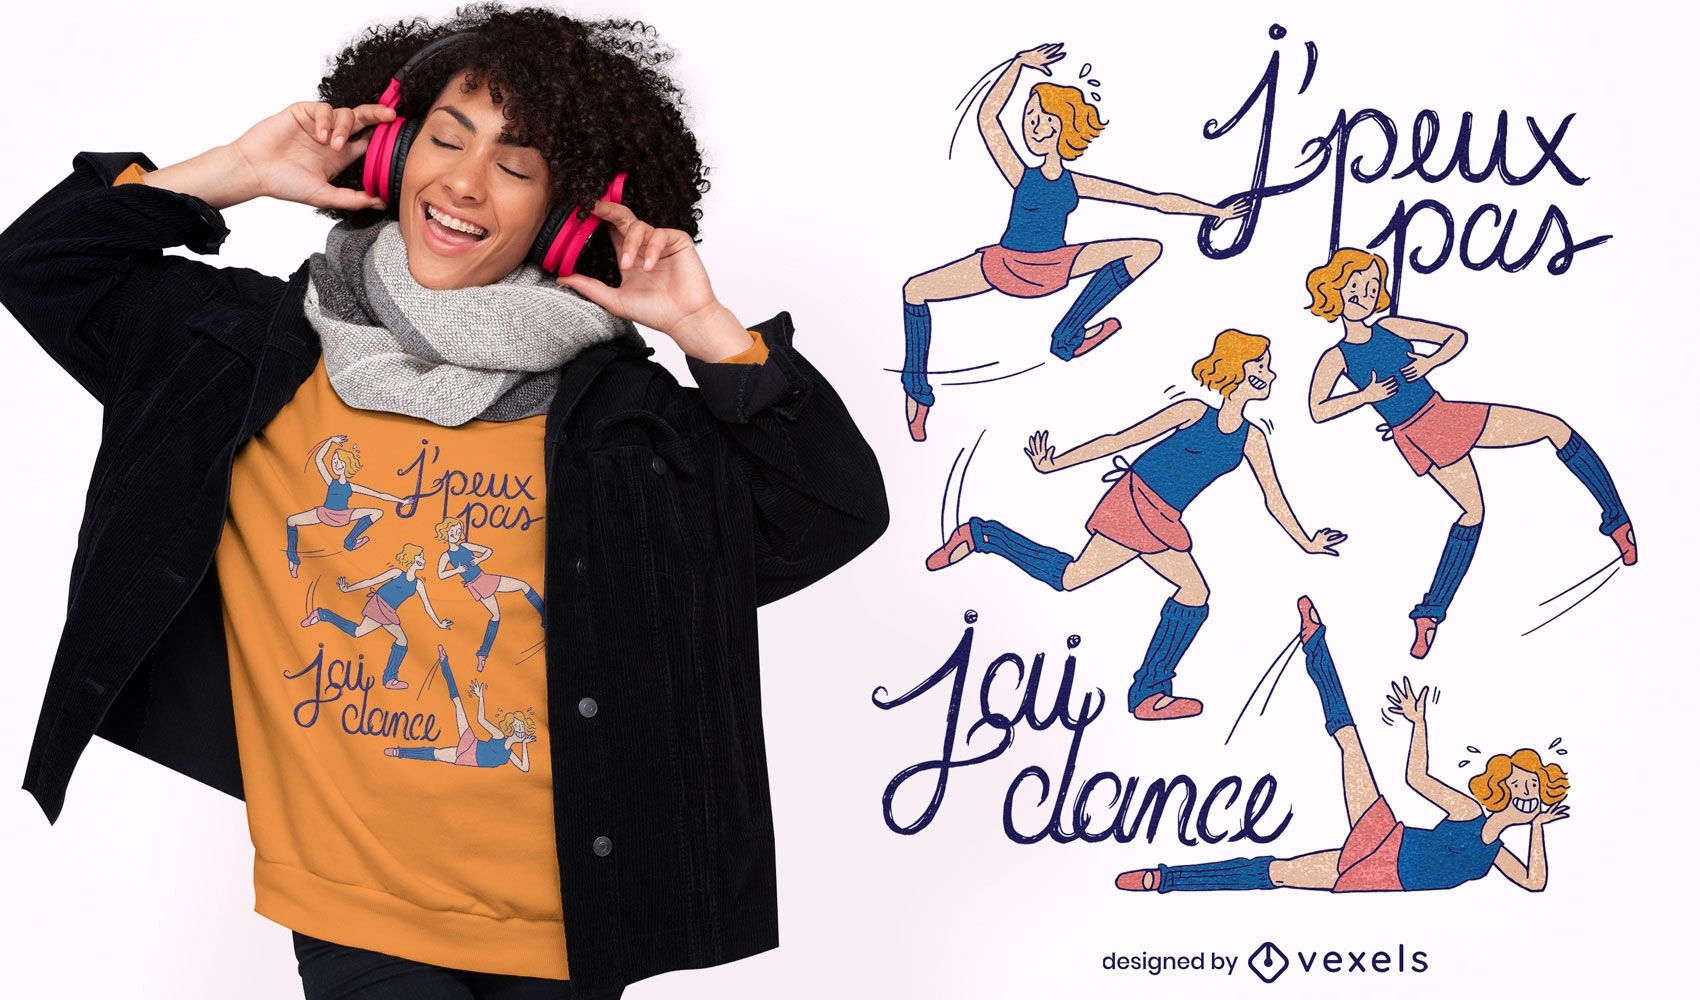 Clumsy ballet dancer girl t-shirt design